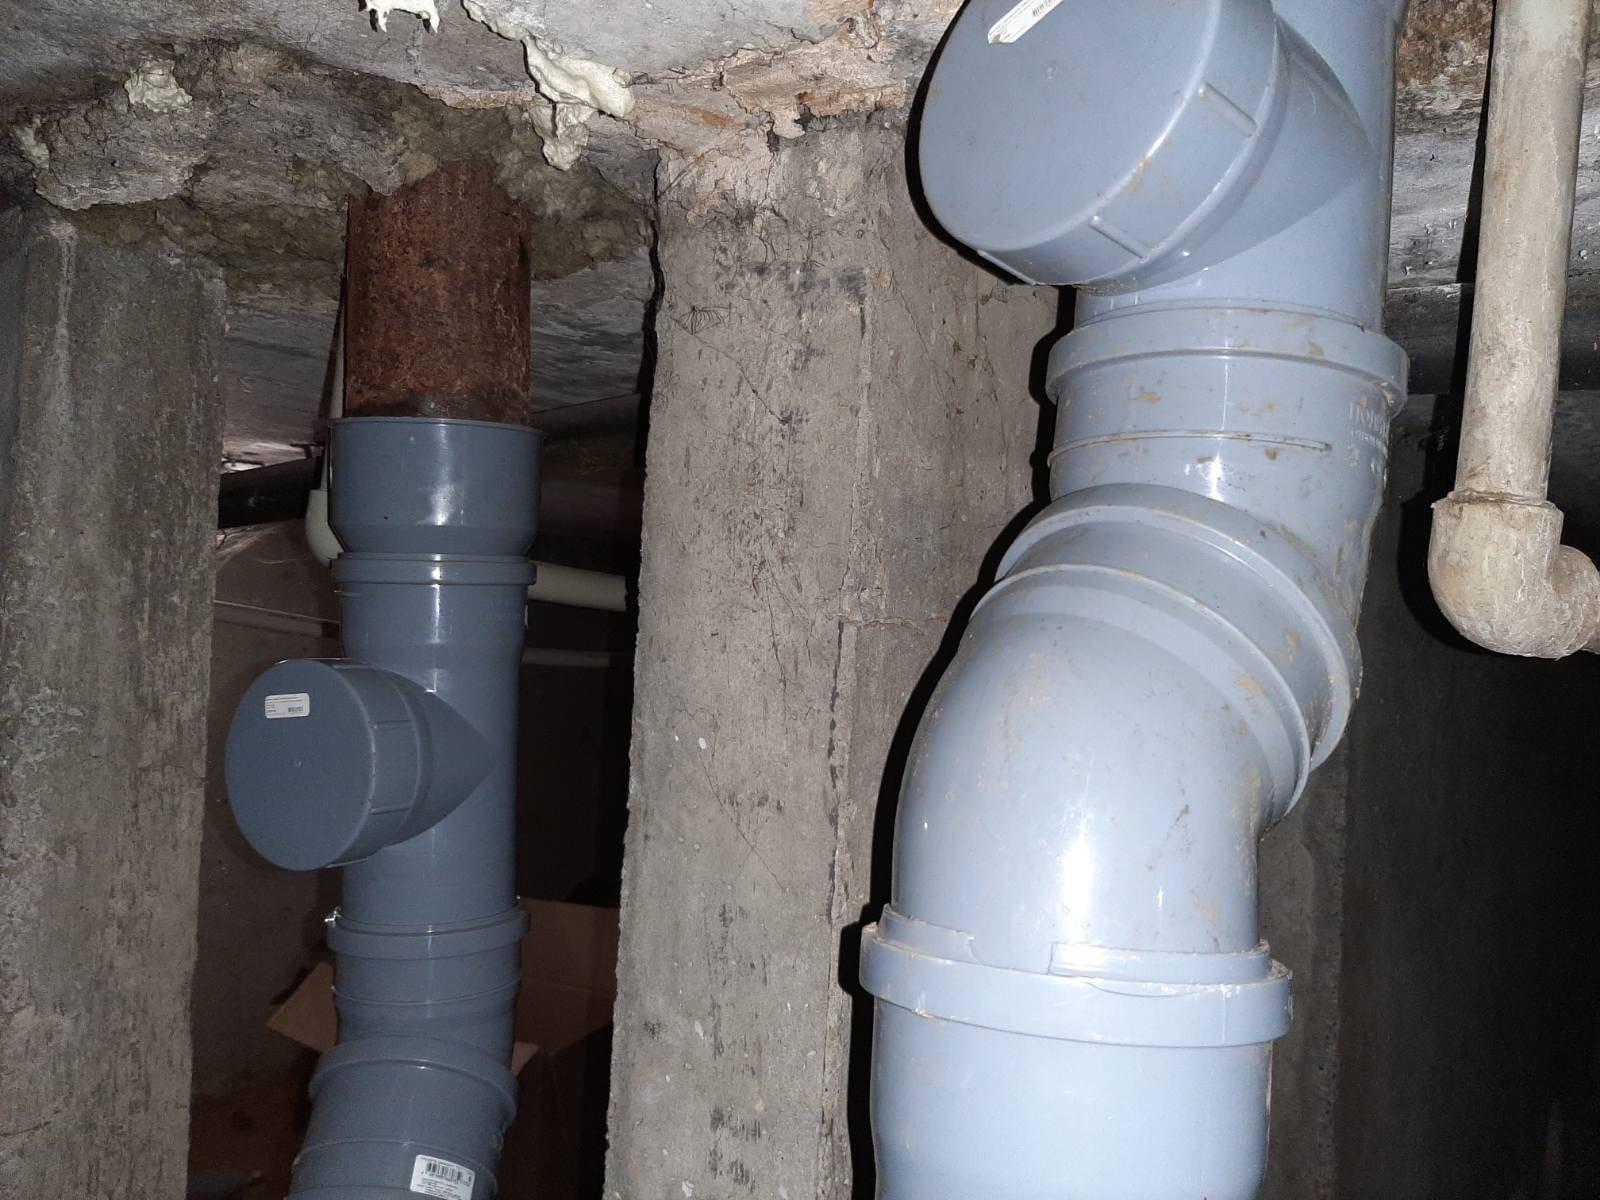 Улица Московская дом 173 капитальный ремонт канализации